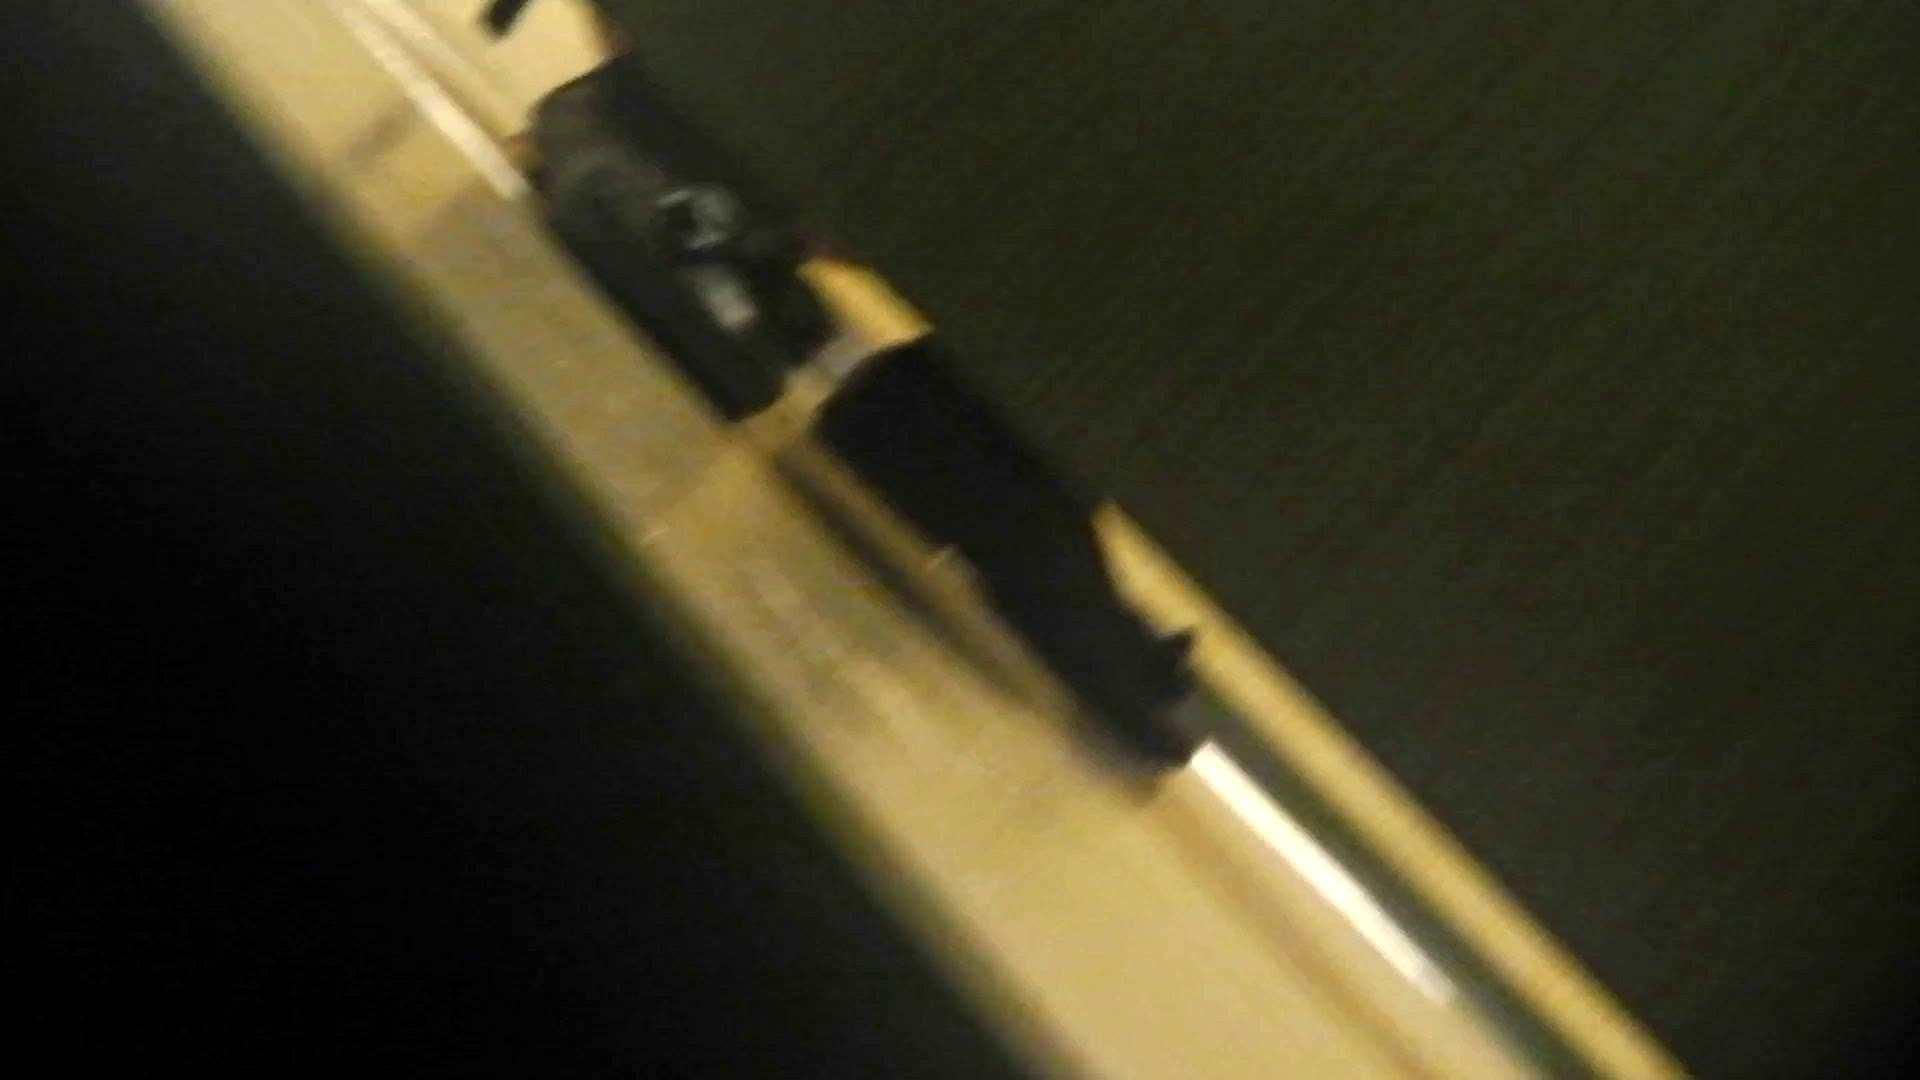 阿国ちゃんの「和式洋式七変化」No.12 和式で・・・ オメコ無修正動画無料 99画像 53